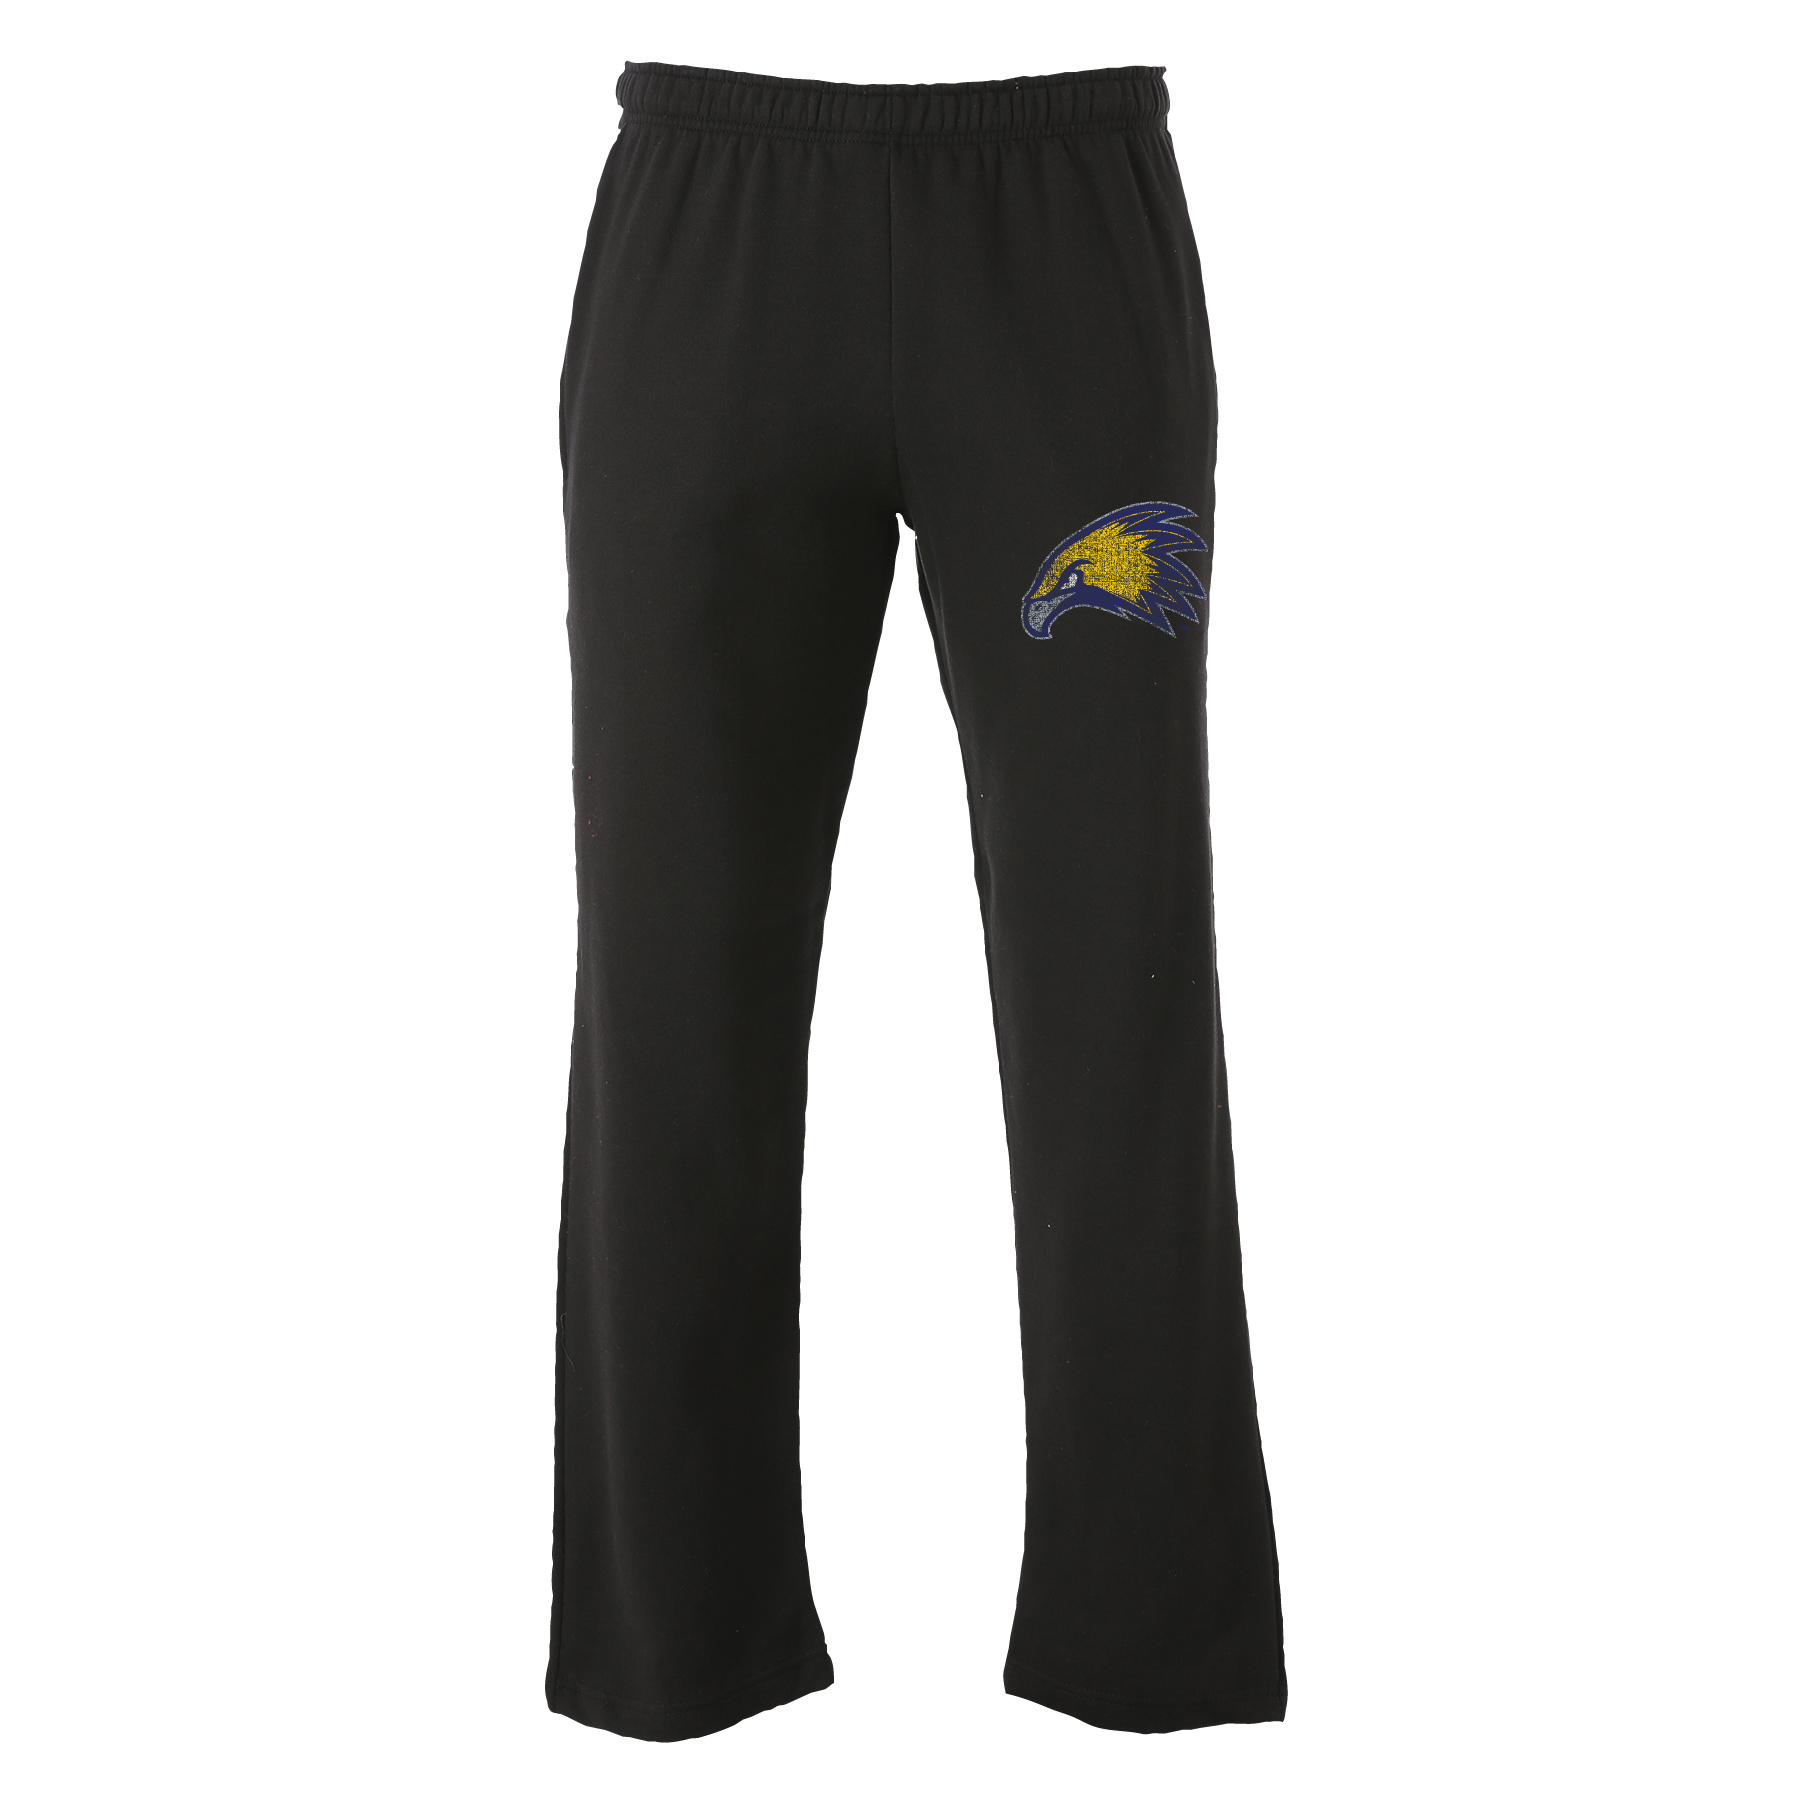 Classic Campus Sweatpants